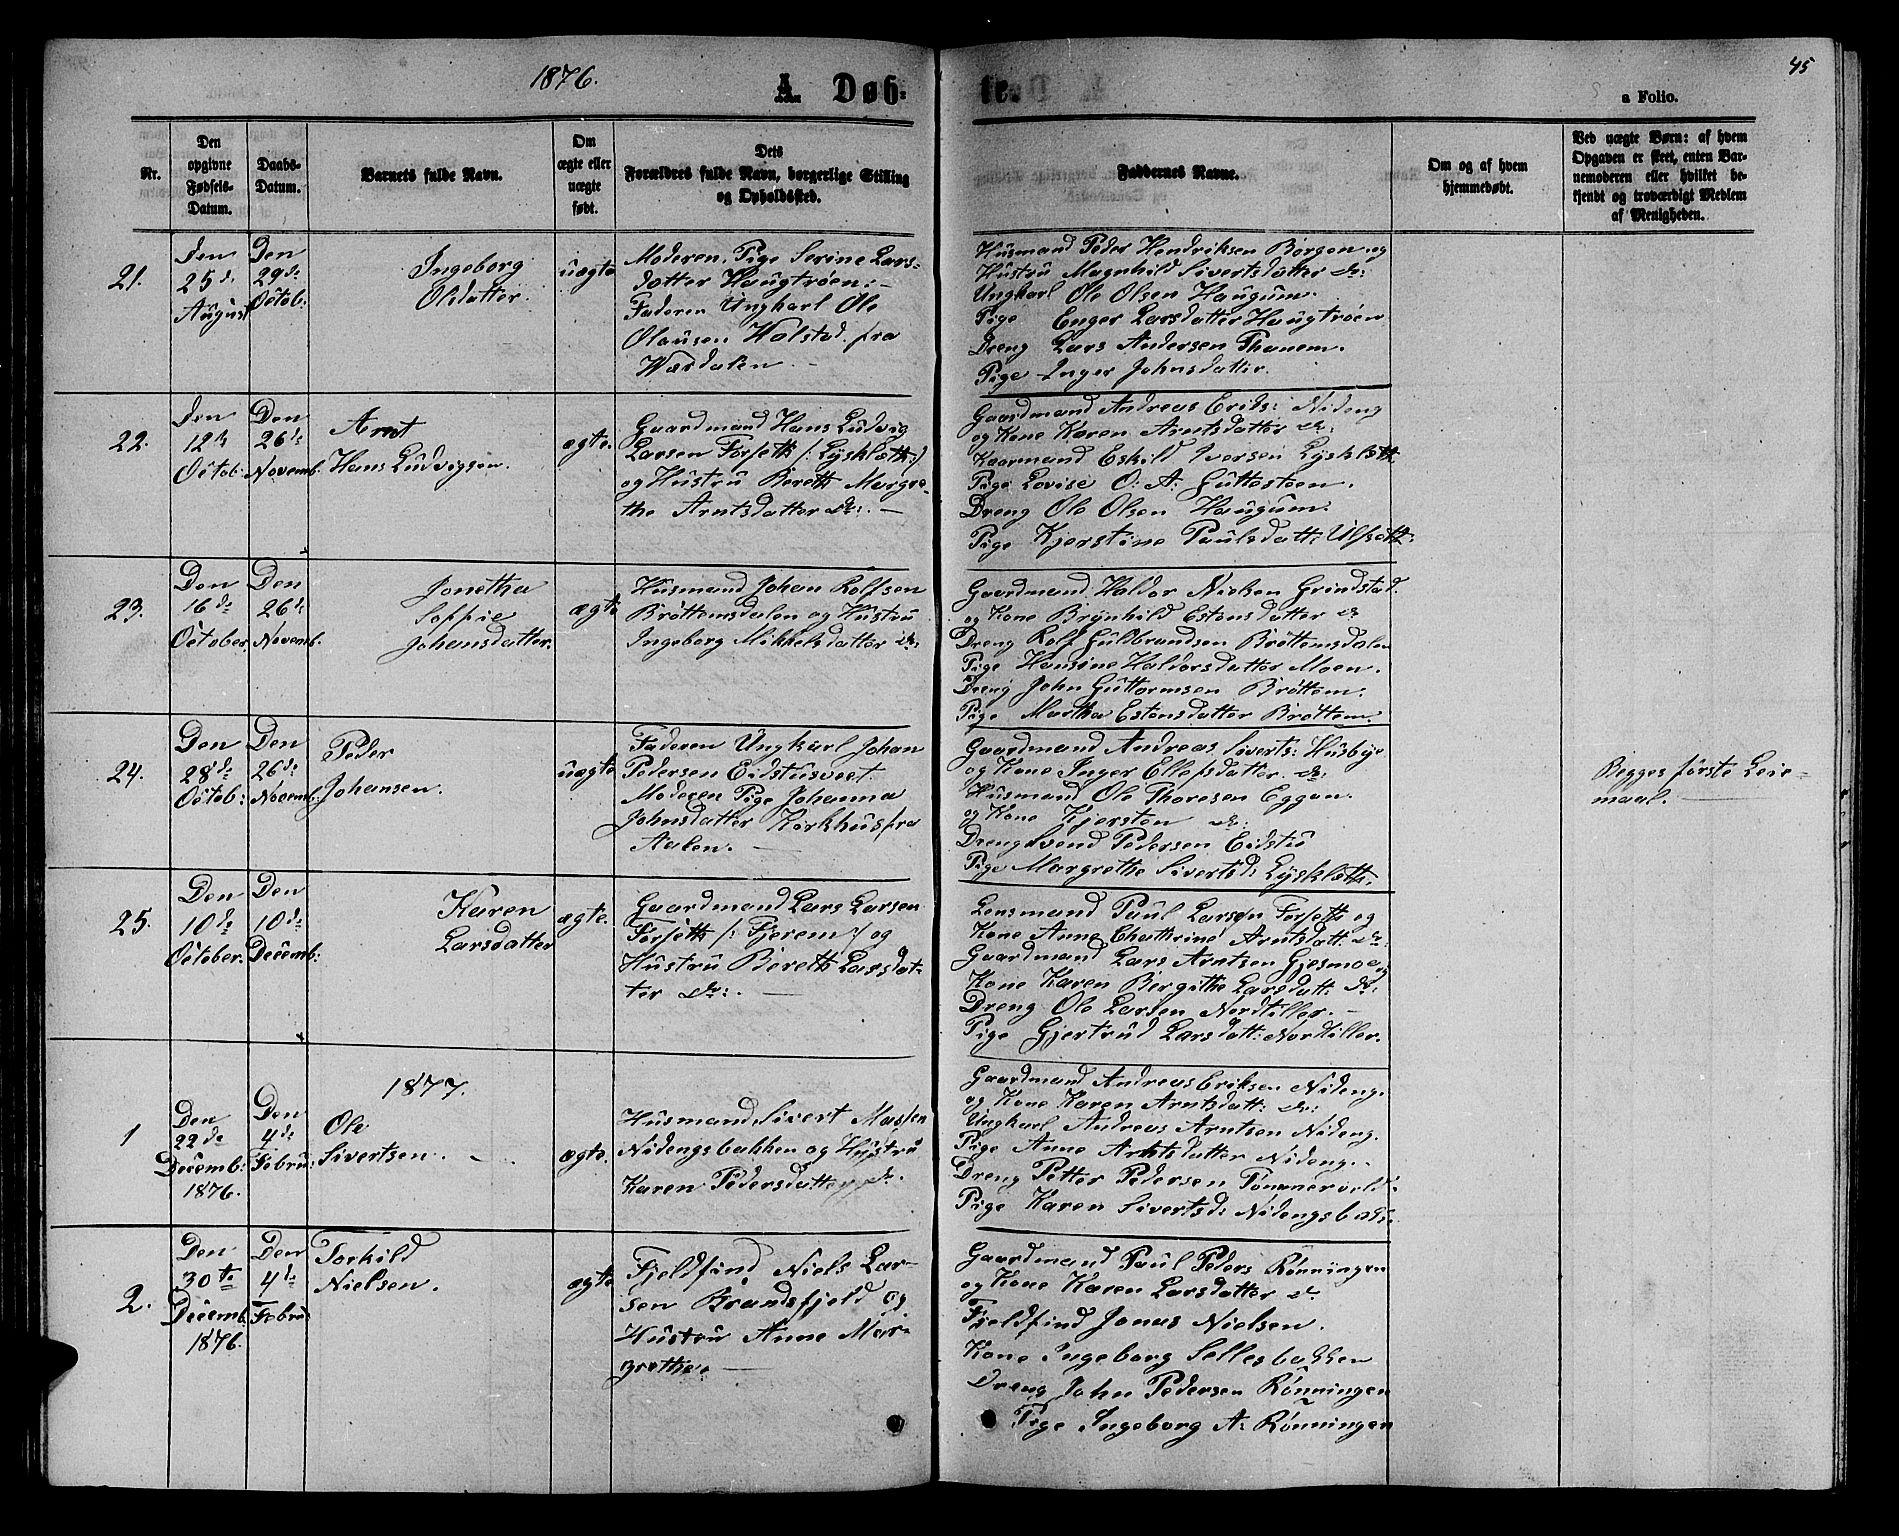 SAT, Ministerialprotokoller, klokkerbøker og fødselsregistre - Sør-Trøndelag, 618/L0451: Klokkerbok nr. 618C02, 1865-1883, s. 45